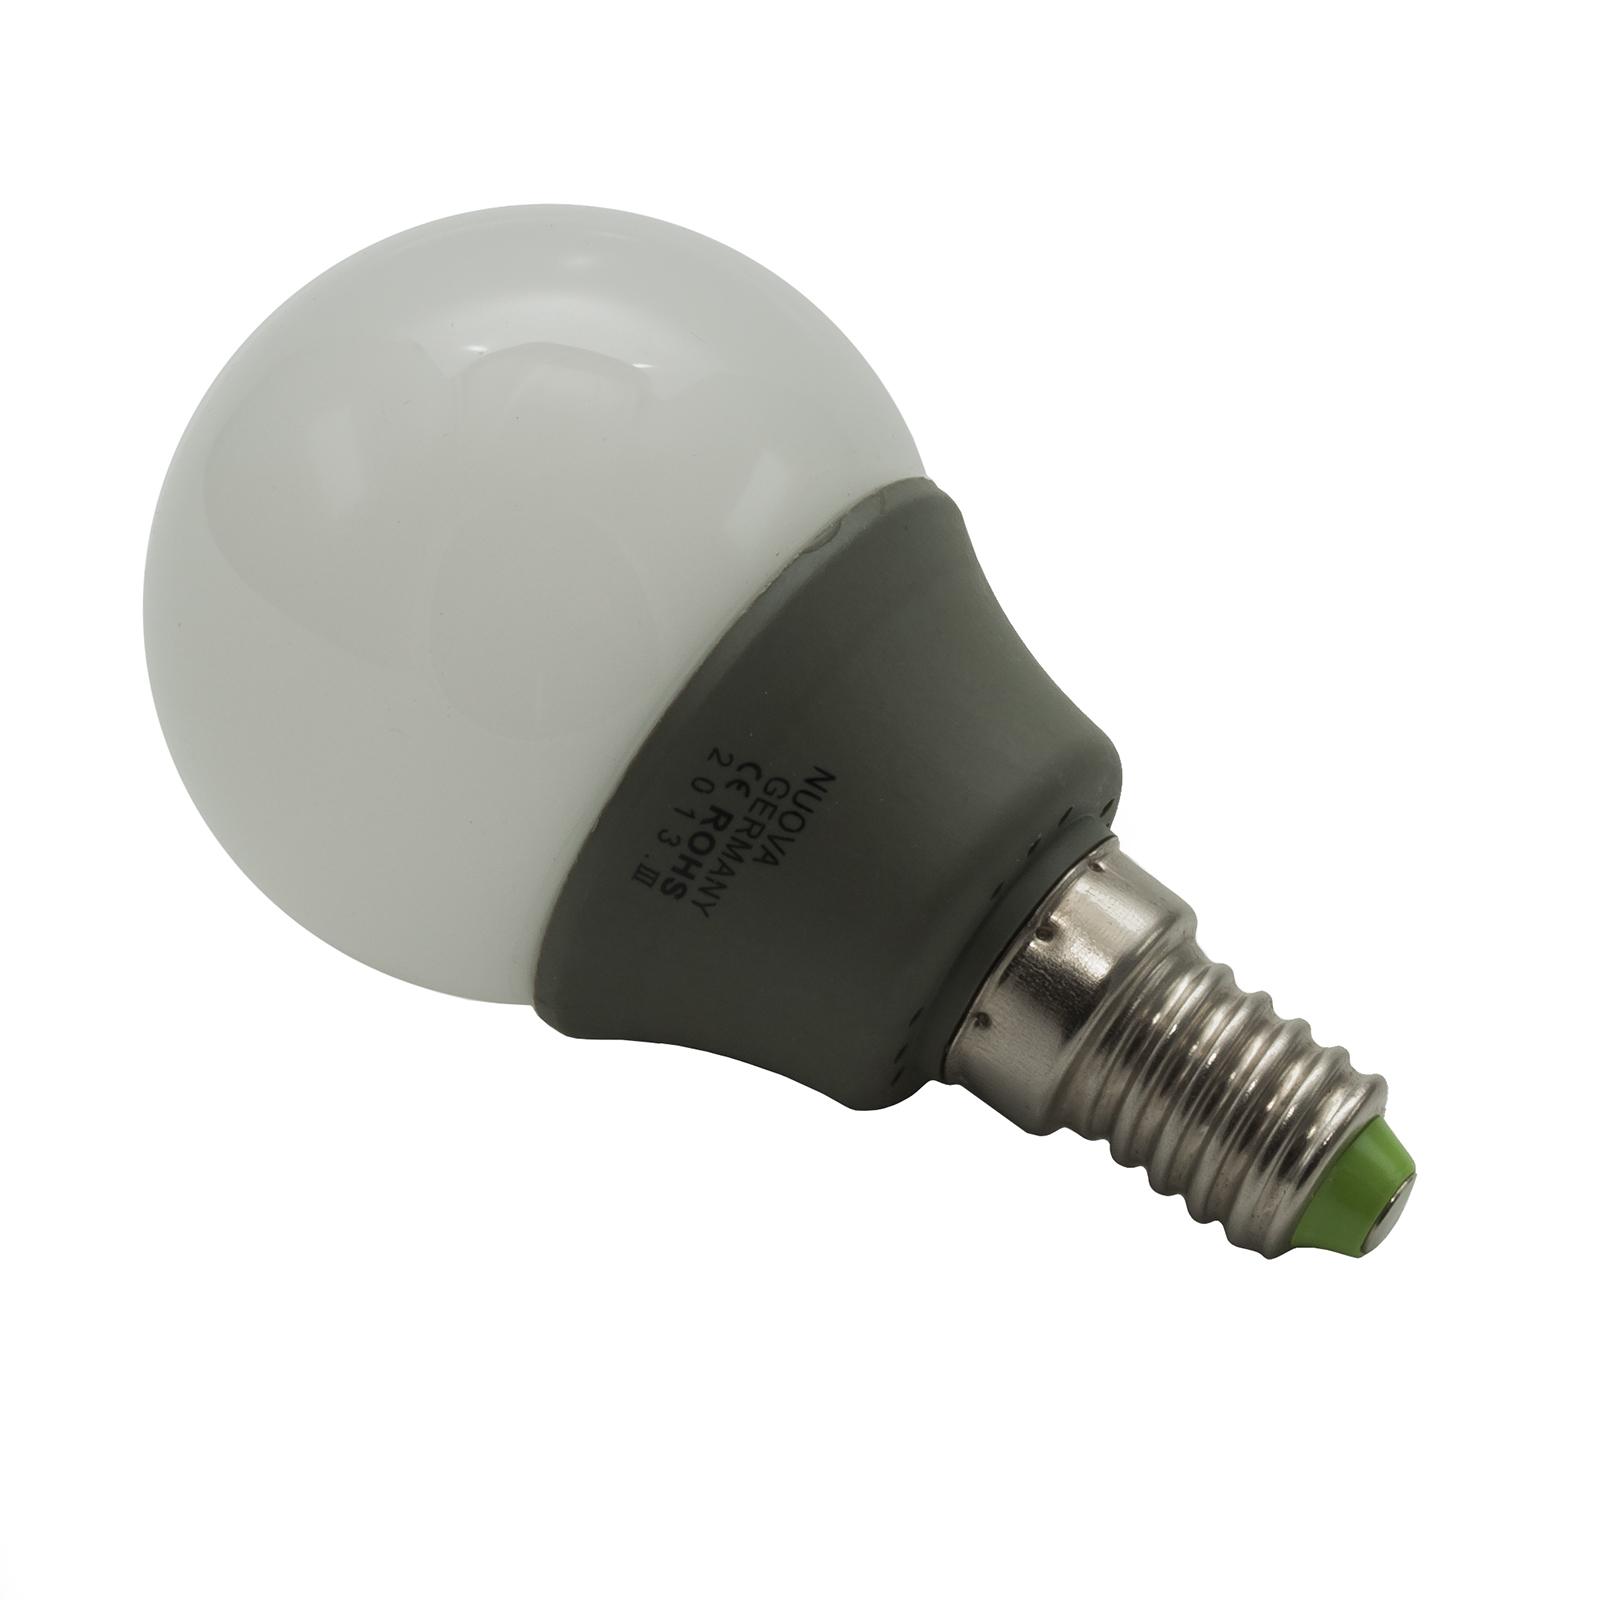 Lampada Led E14 Risparmio Energetico Lampada Led 3w Mini Globo Attacco E14 Luce Calda O Fredda Diffusore In Vetro